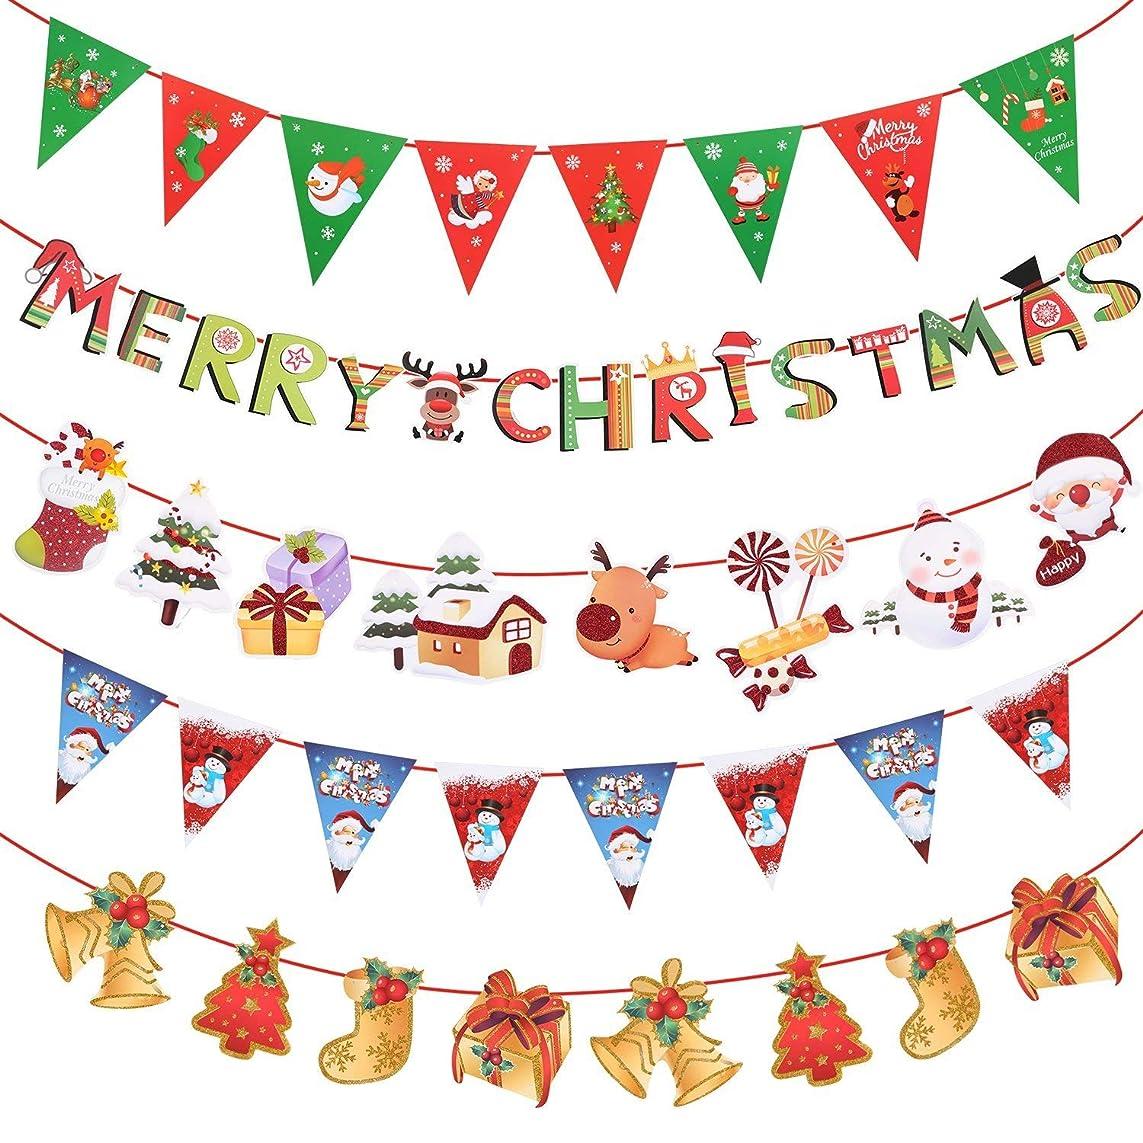 メトロポリタン思春期アセBSMONLAN クリスマス 飾り クリスマス飾り付け ガーランド クリスマスガーランド MERRY CHRISTMAS 学園祭 イベント 店舗 ショップ パーティー 装飾 壁飾り 小道具 写真背景 インテリア 豊富な5種類